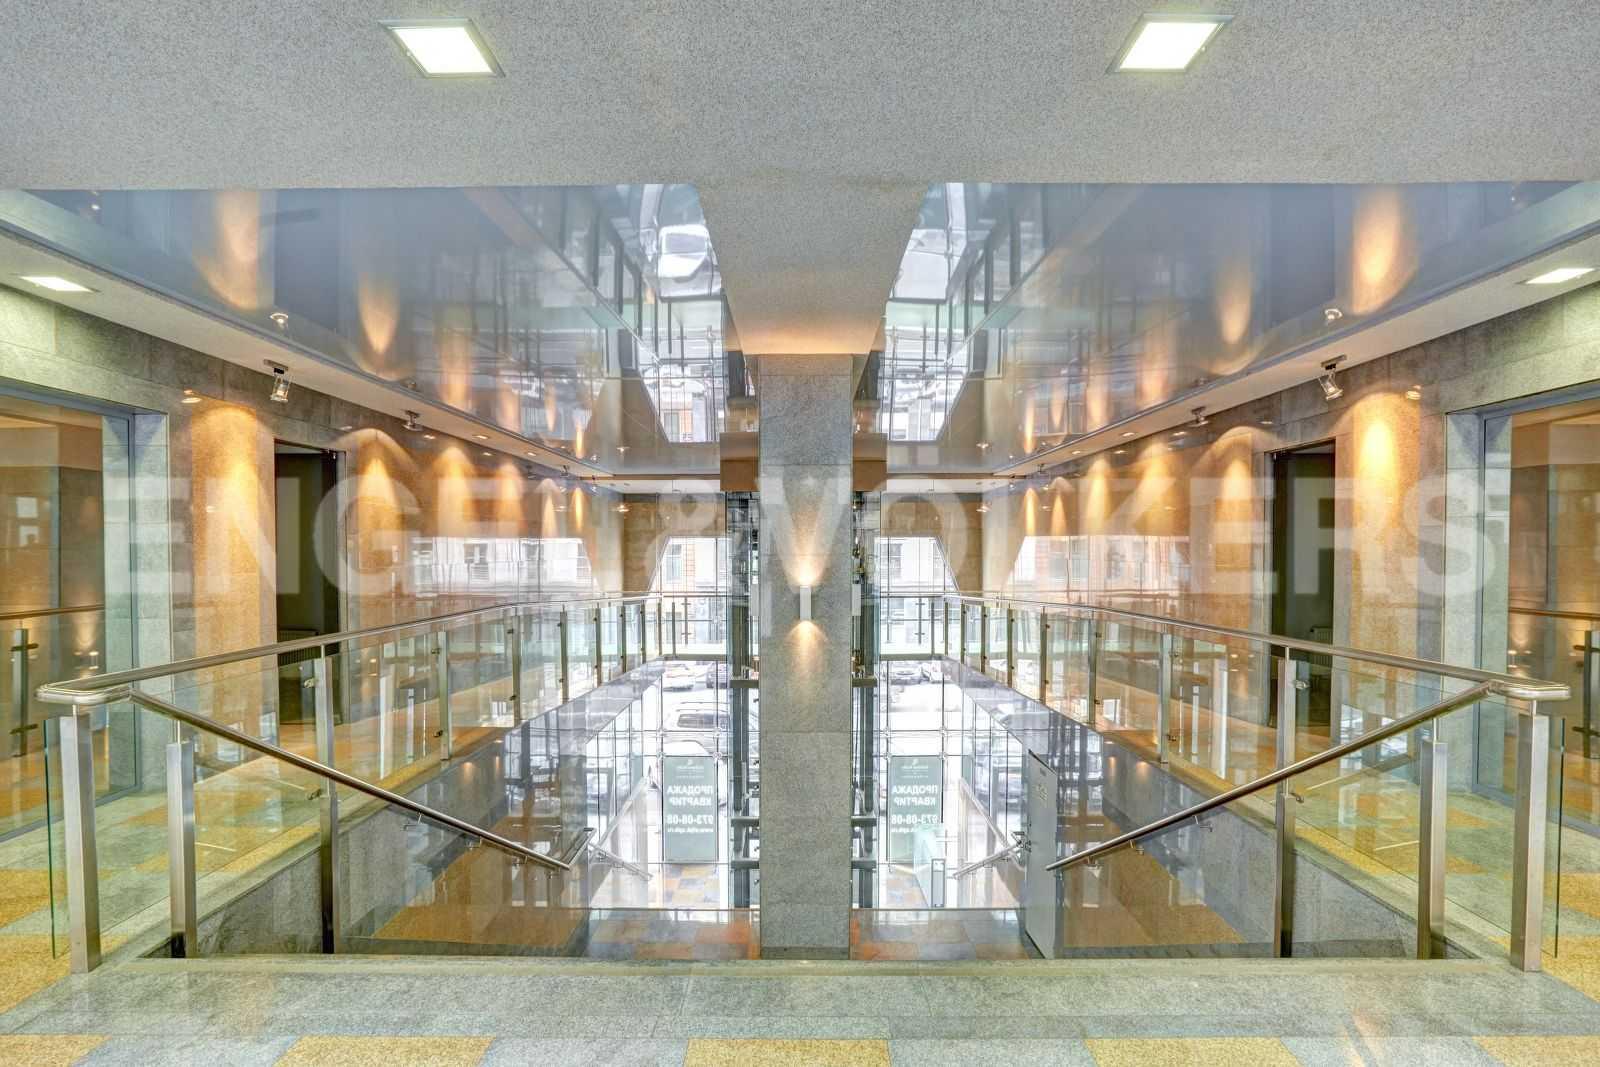 Элитные квартиры в Центральном районе. Санкт-Петербург, Тверская, 1А. Входная группа комплекса